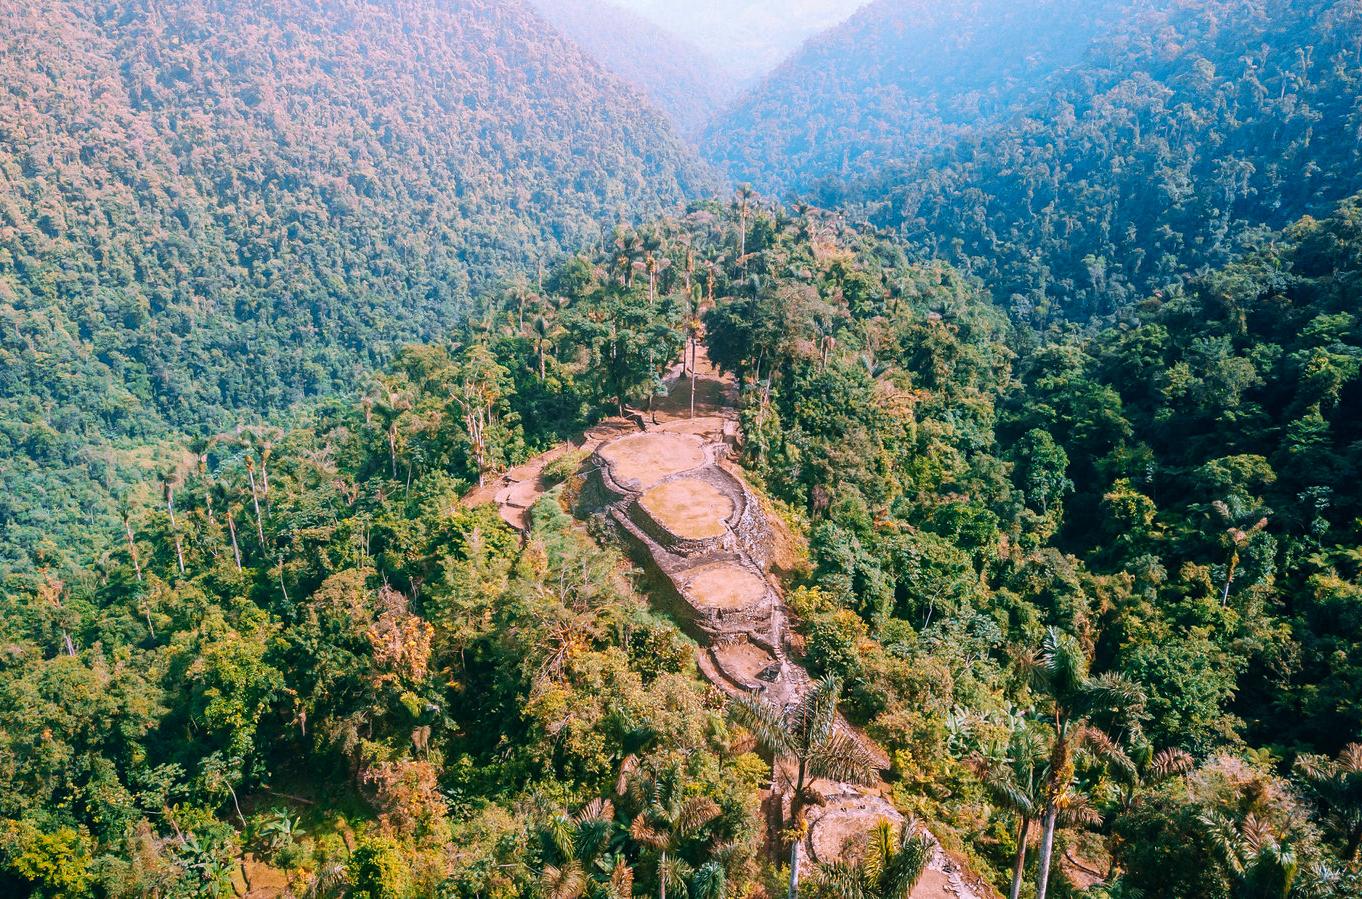 Restos arqueológicos enmedio de la selva tropical